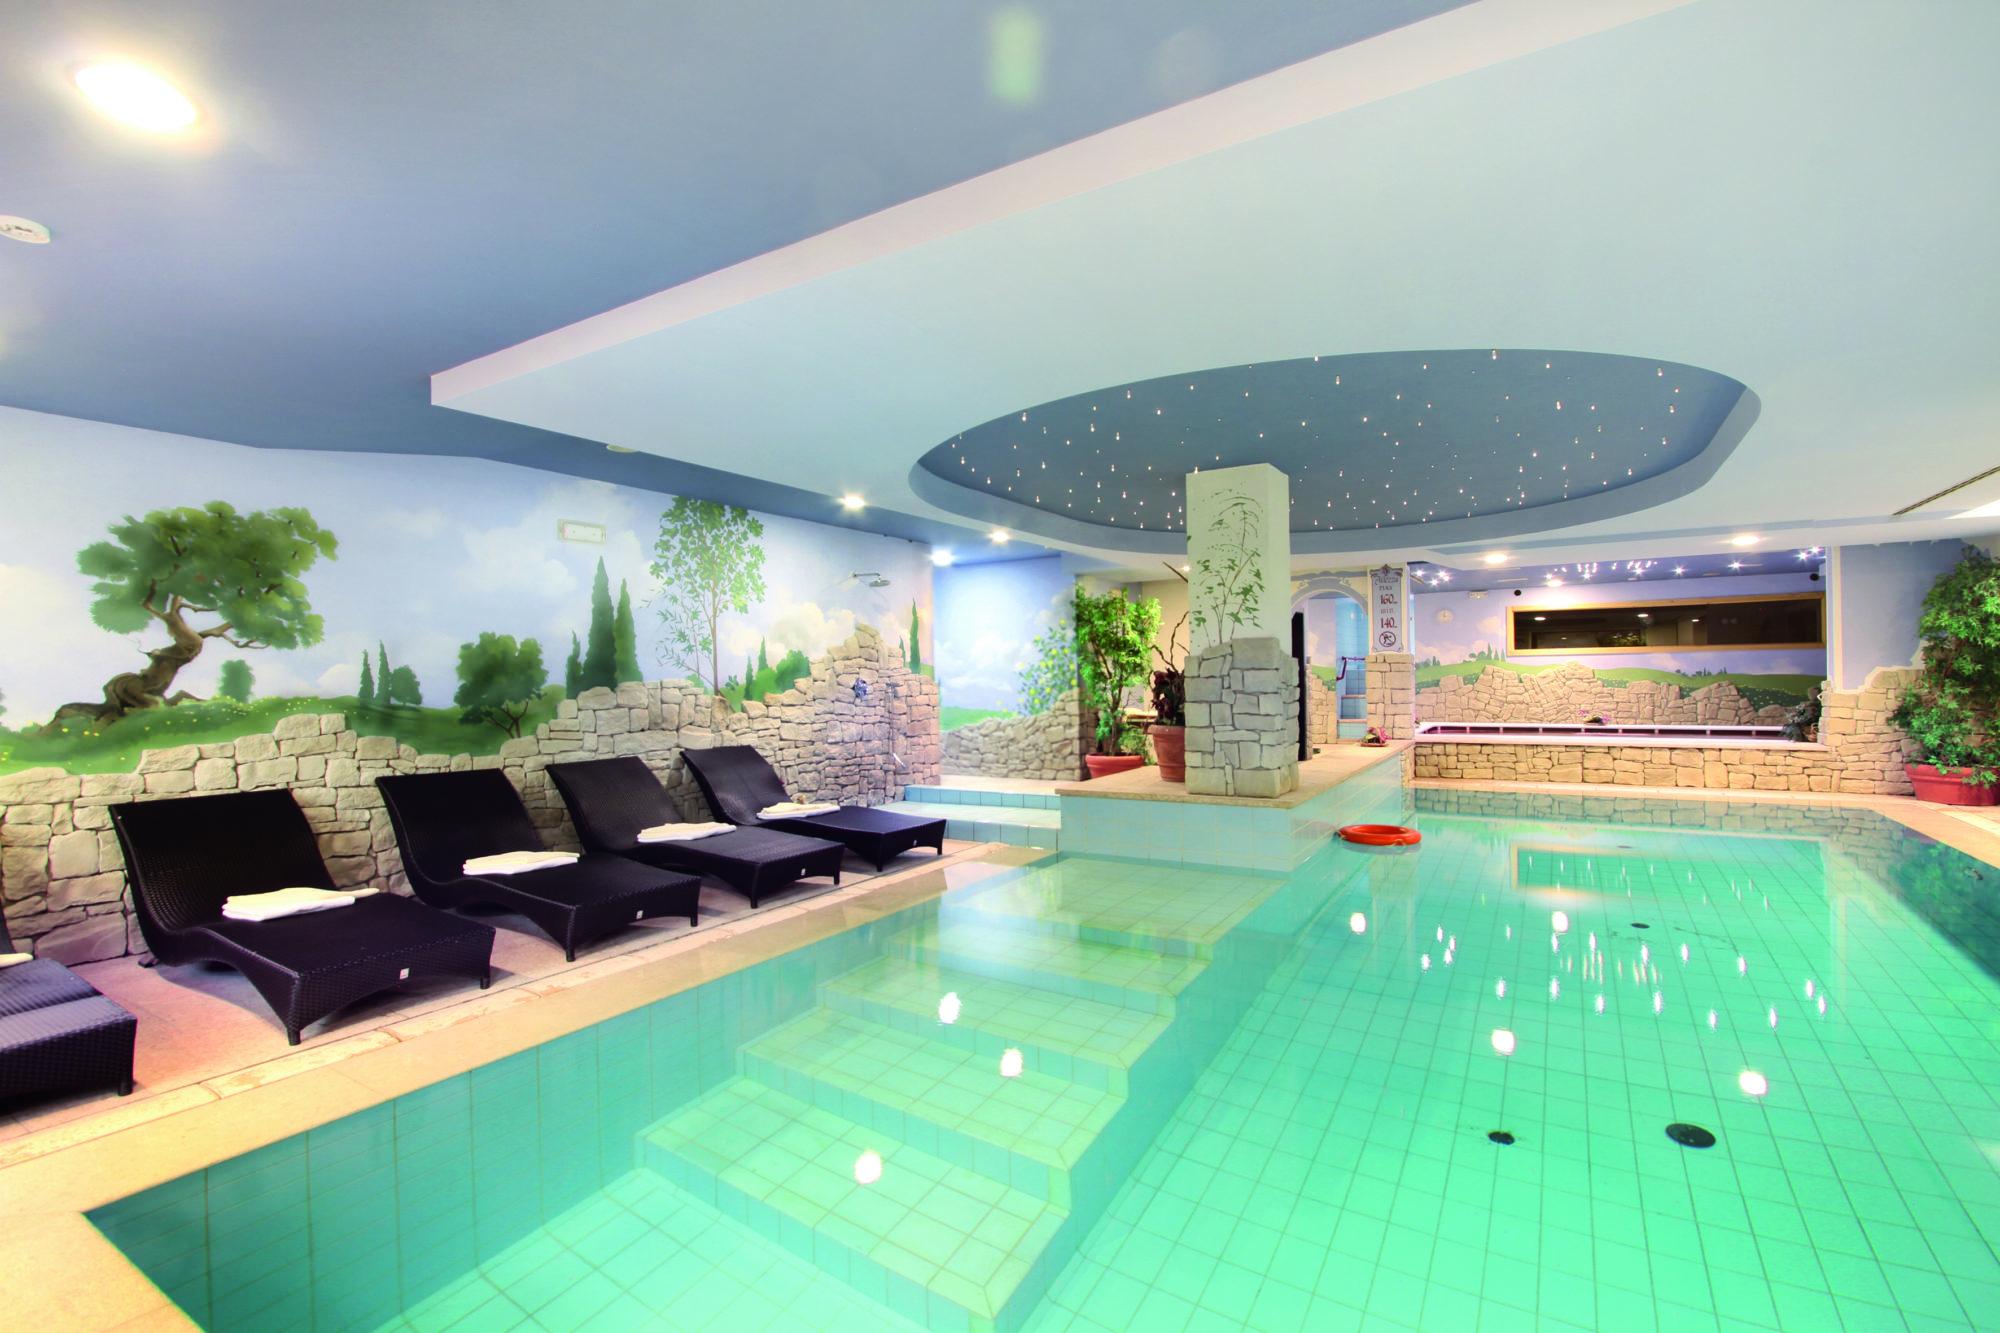 25 Hotel Rubino - Swimming pool